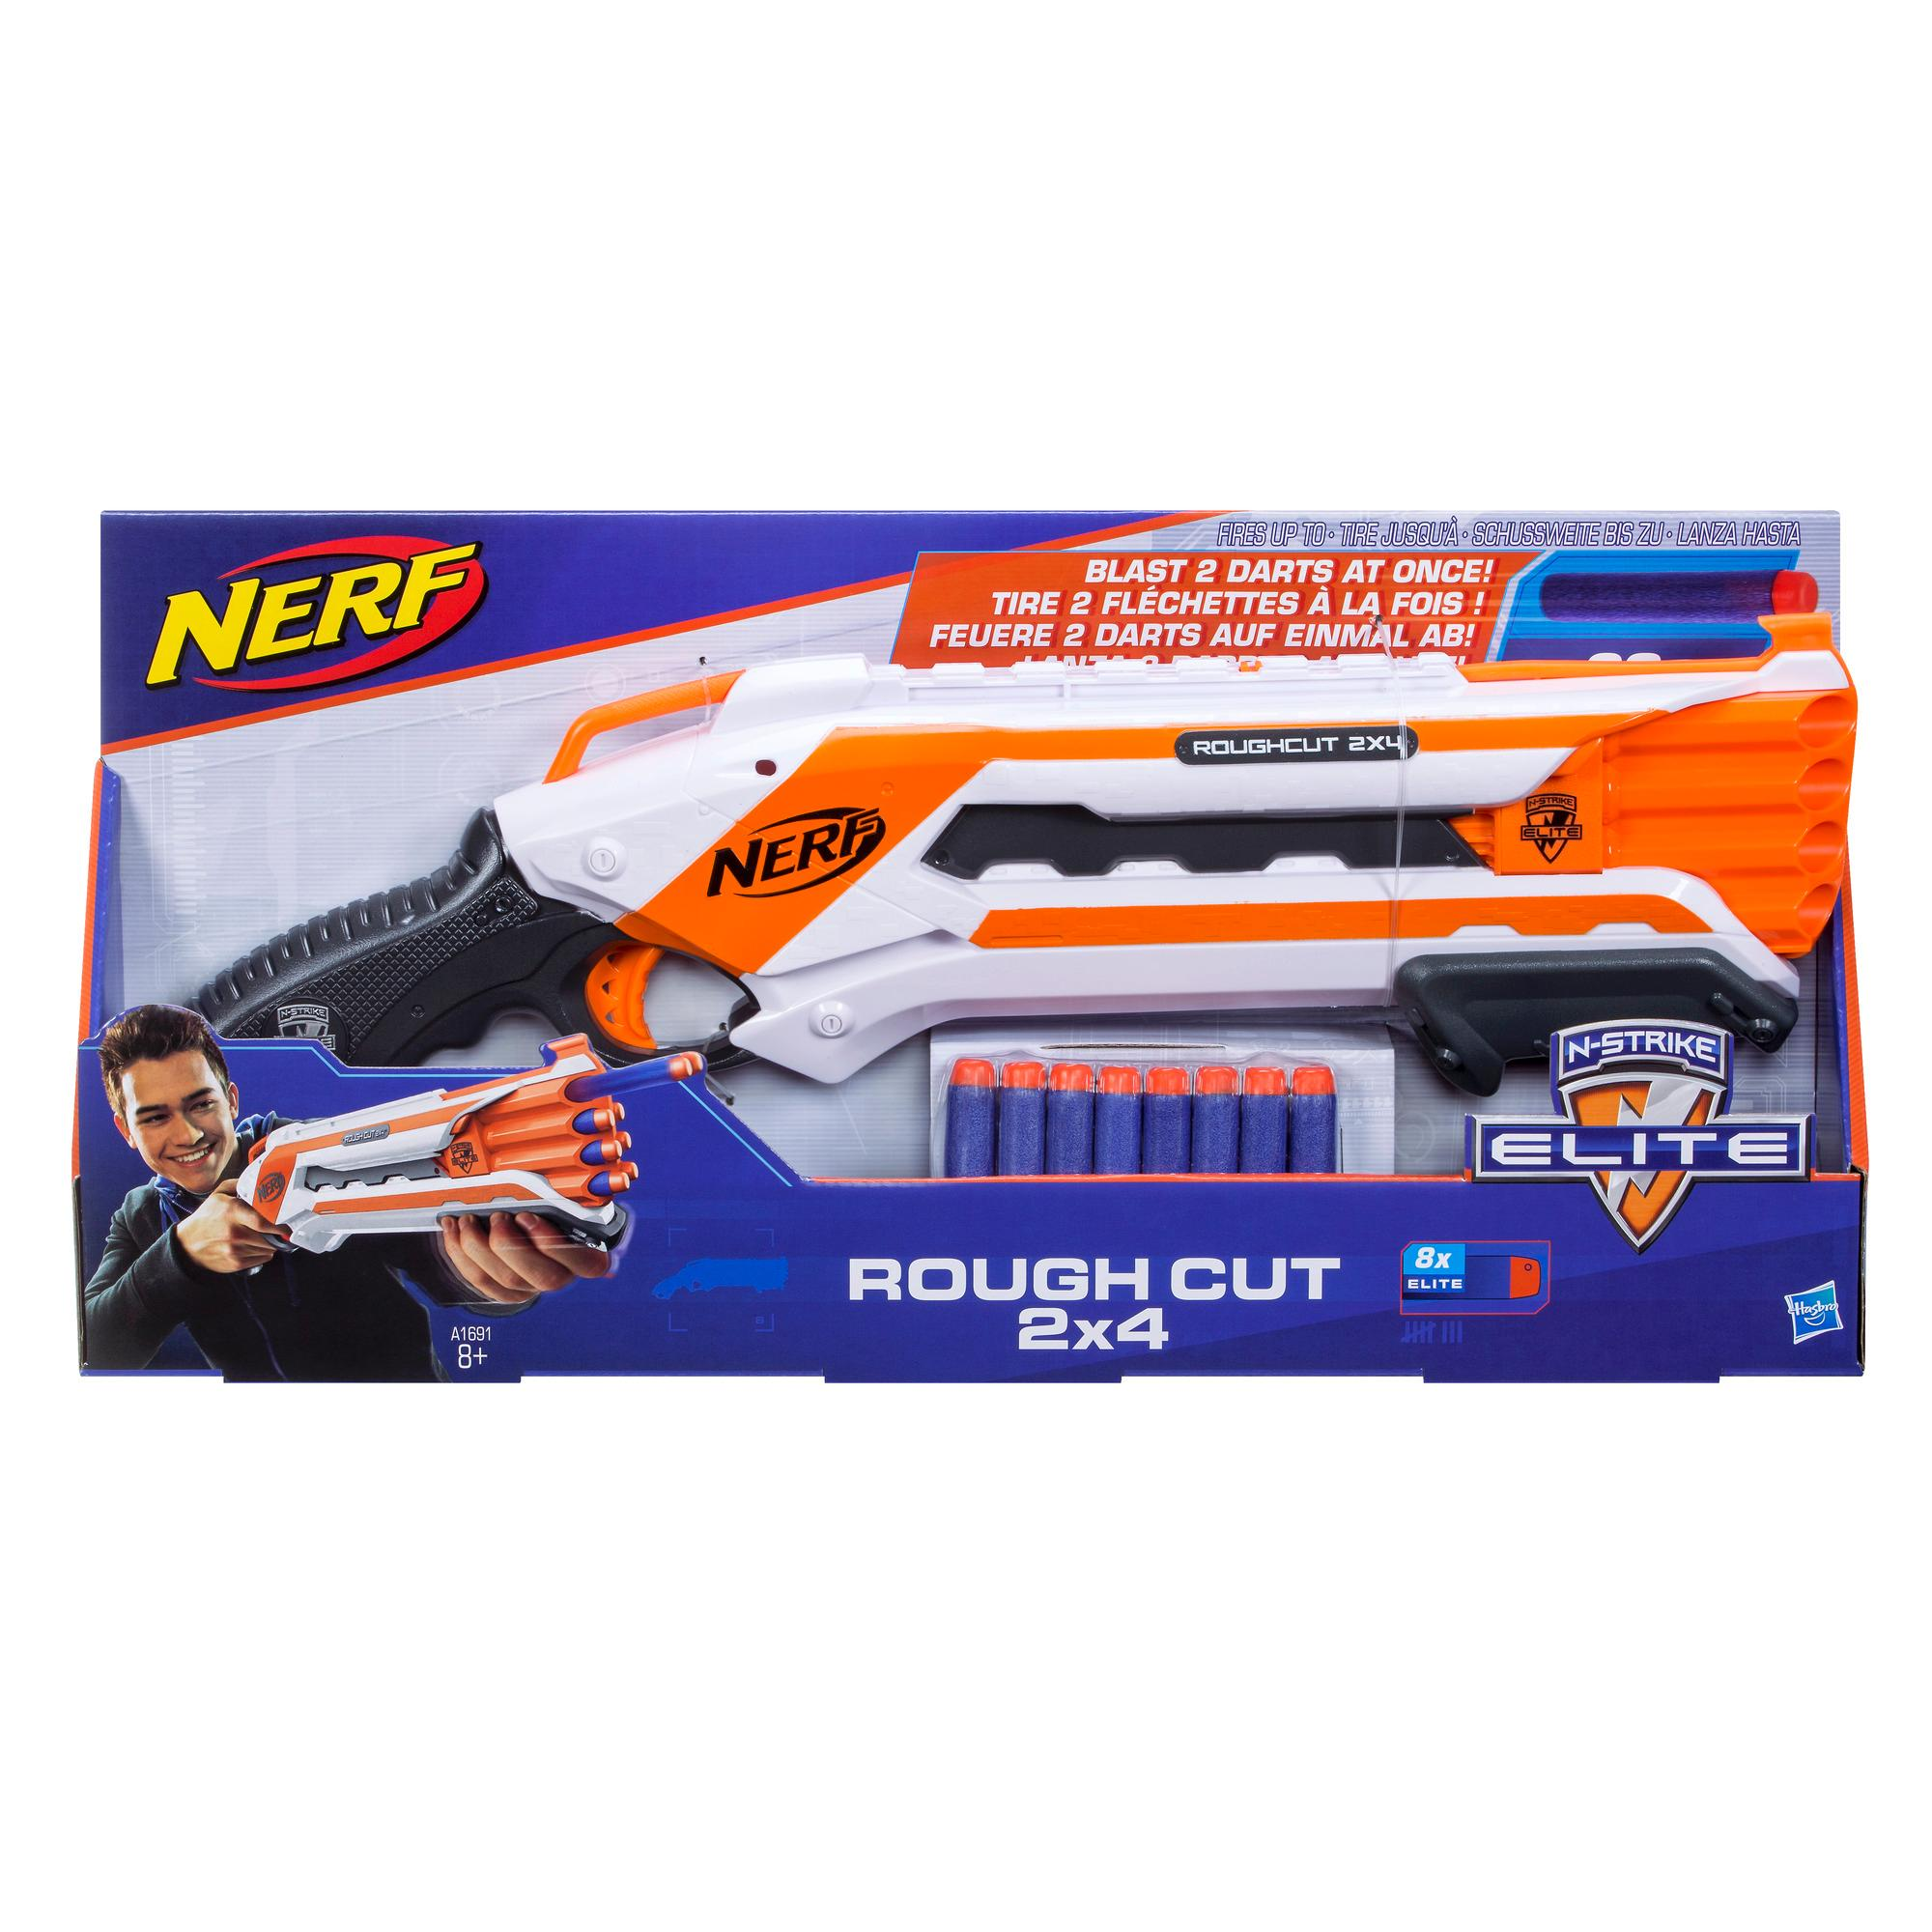 NERF - ELITE Rough Cut